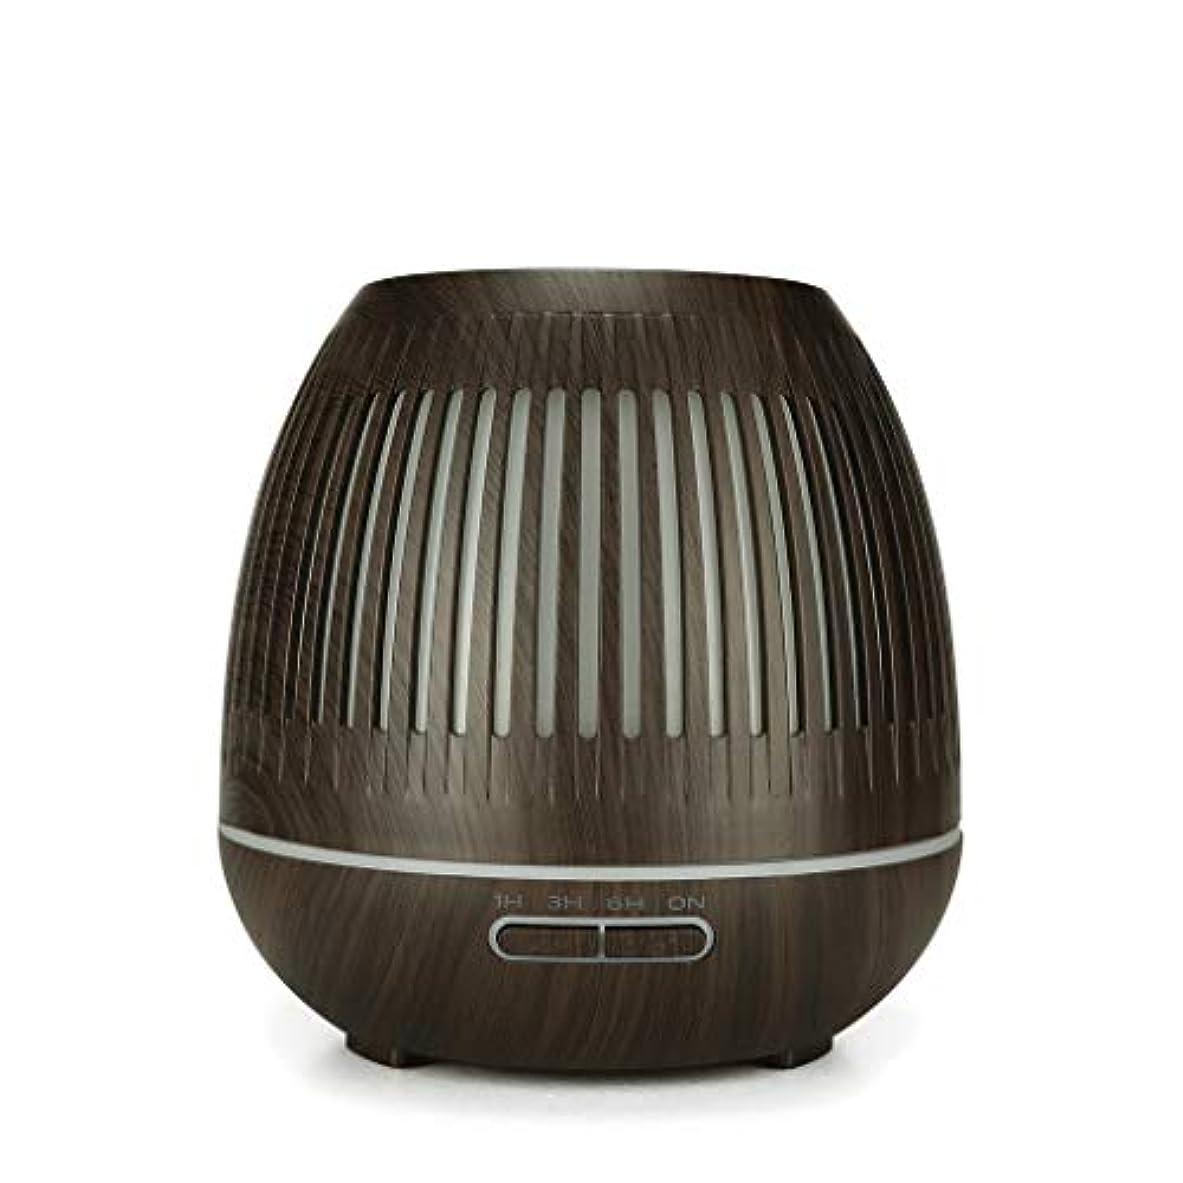 オーバーフロー推進力ハーフ400ミリリットル超音波クールミスト加湿器付きカラーledライト用ホームヨガオフィススパ寝室ベビールーム - ウッドグレインディフューザー (Color : Dark wood grain)